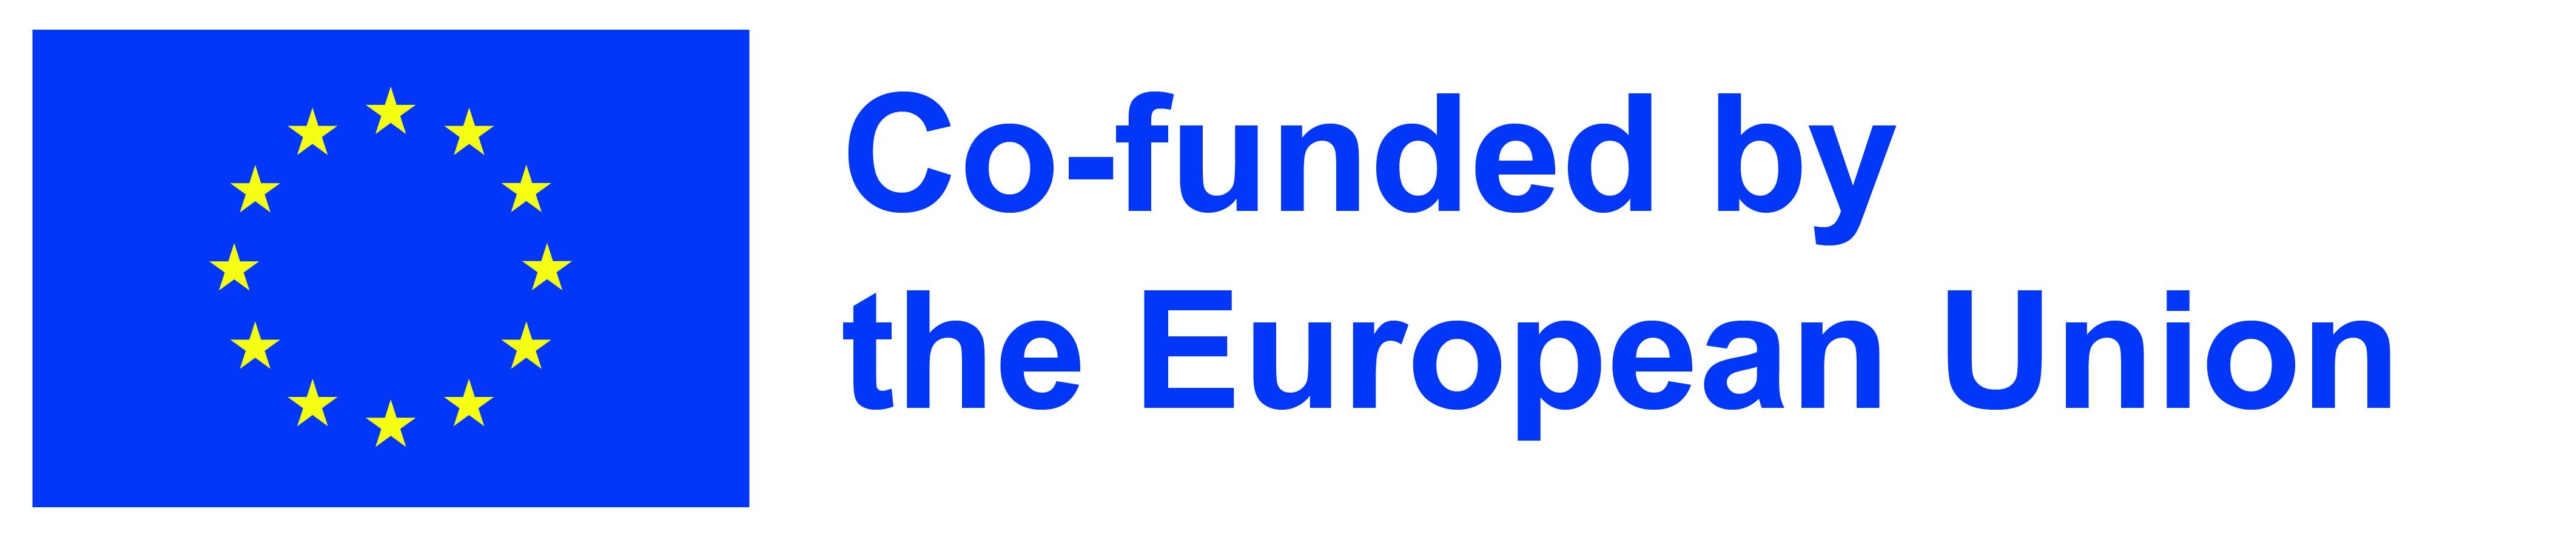 Eu-cofunded-logo